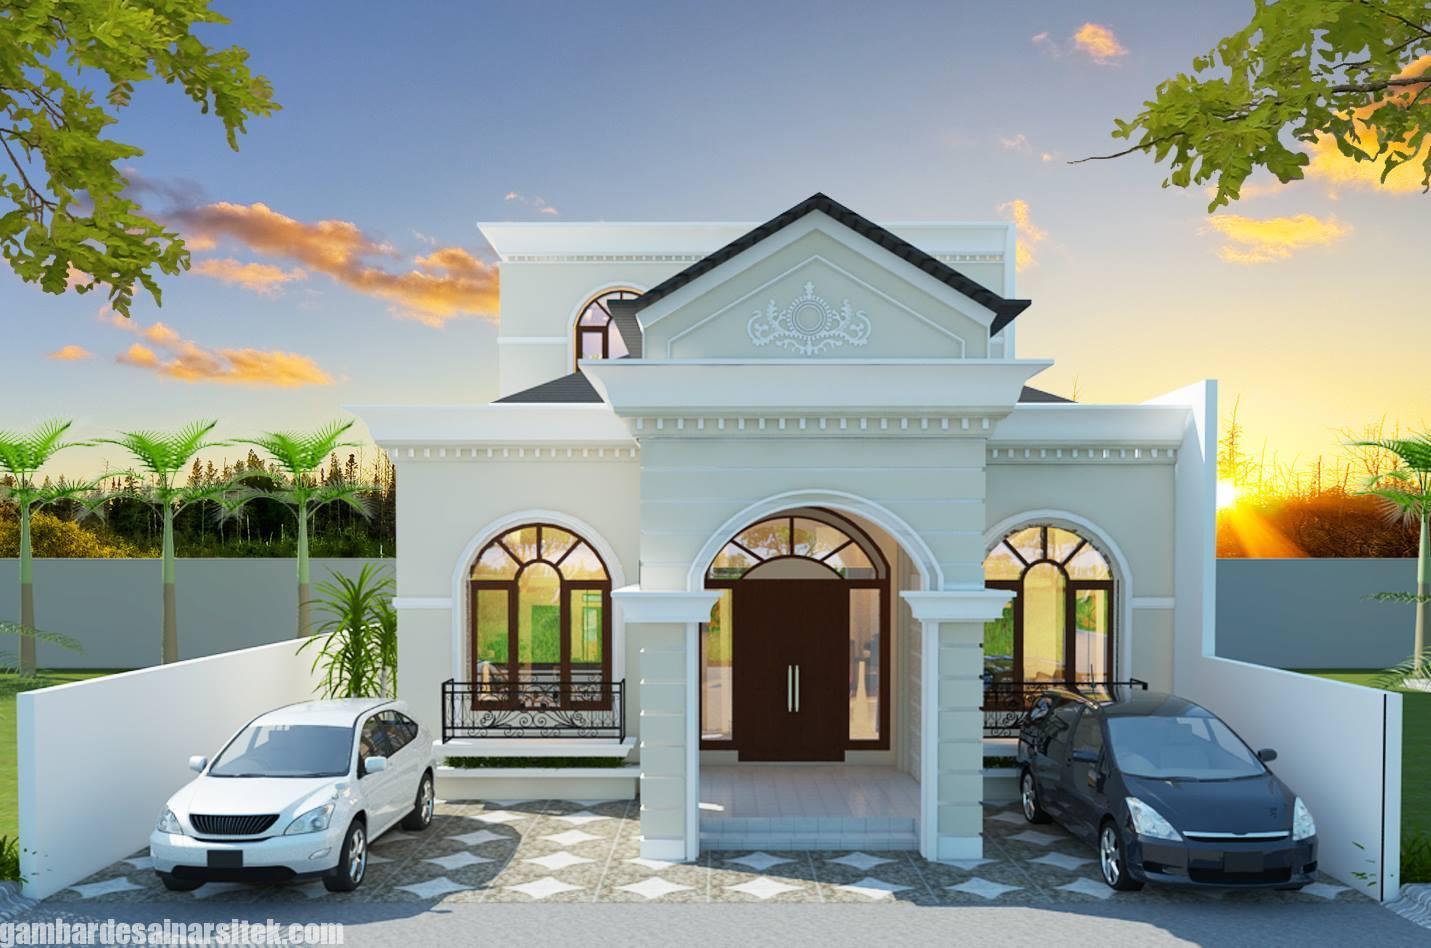 Desain Rumah Mediterania Mewah 1 Lantai (2)